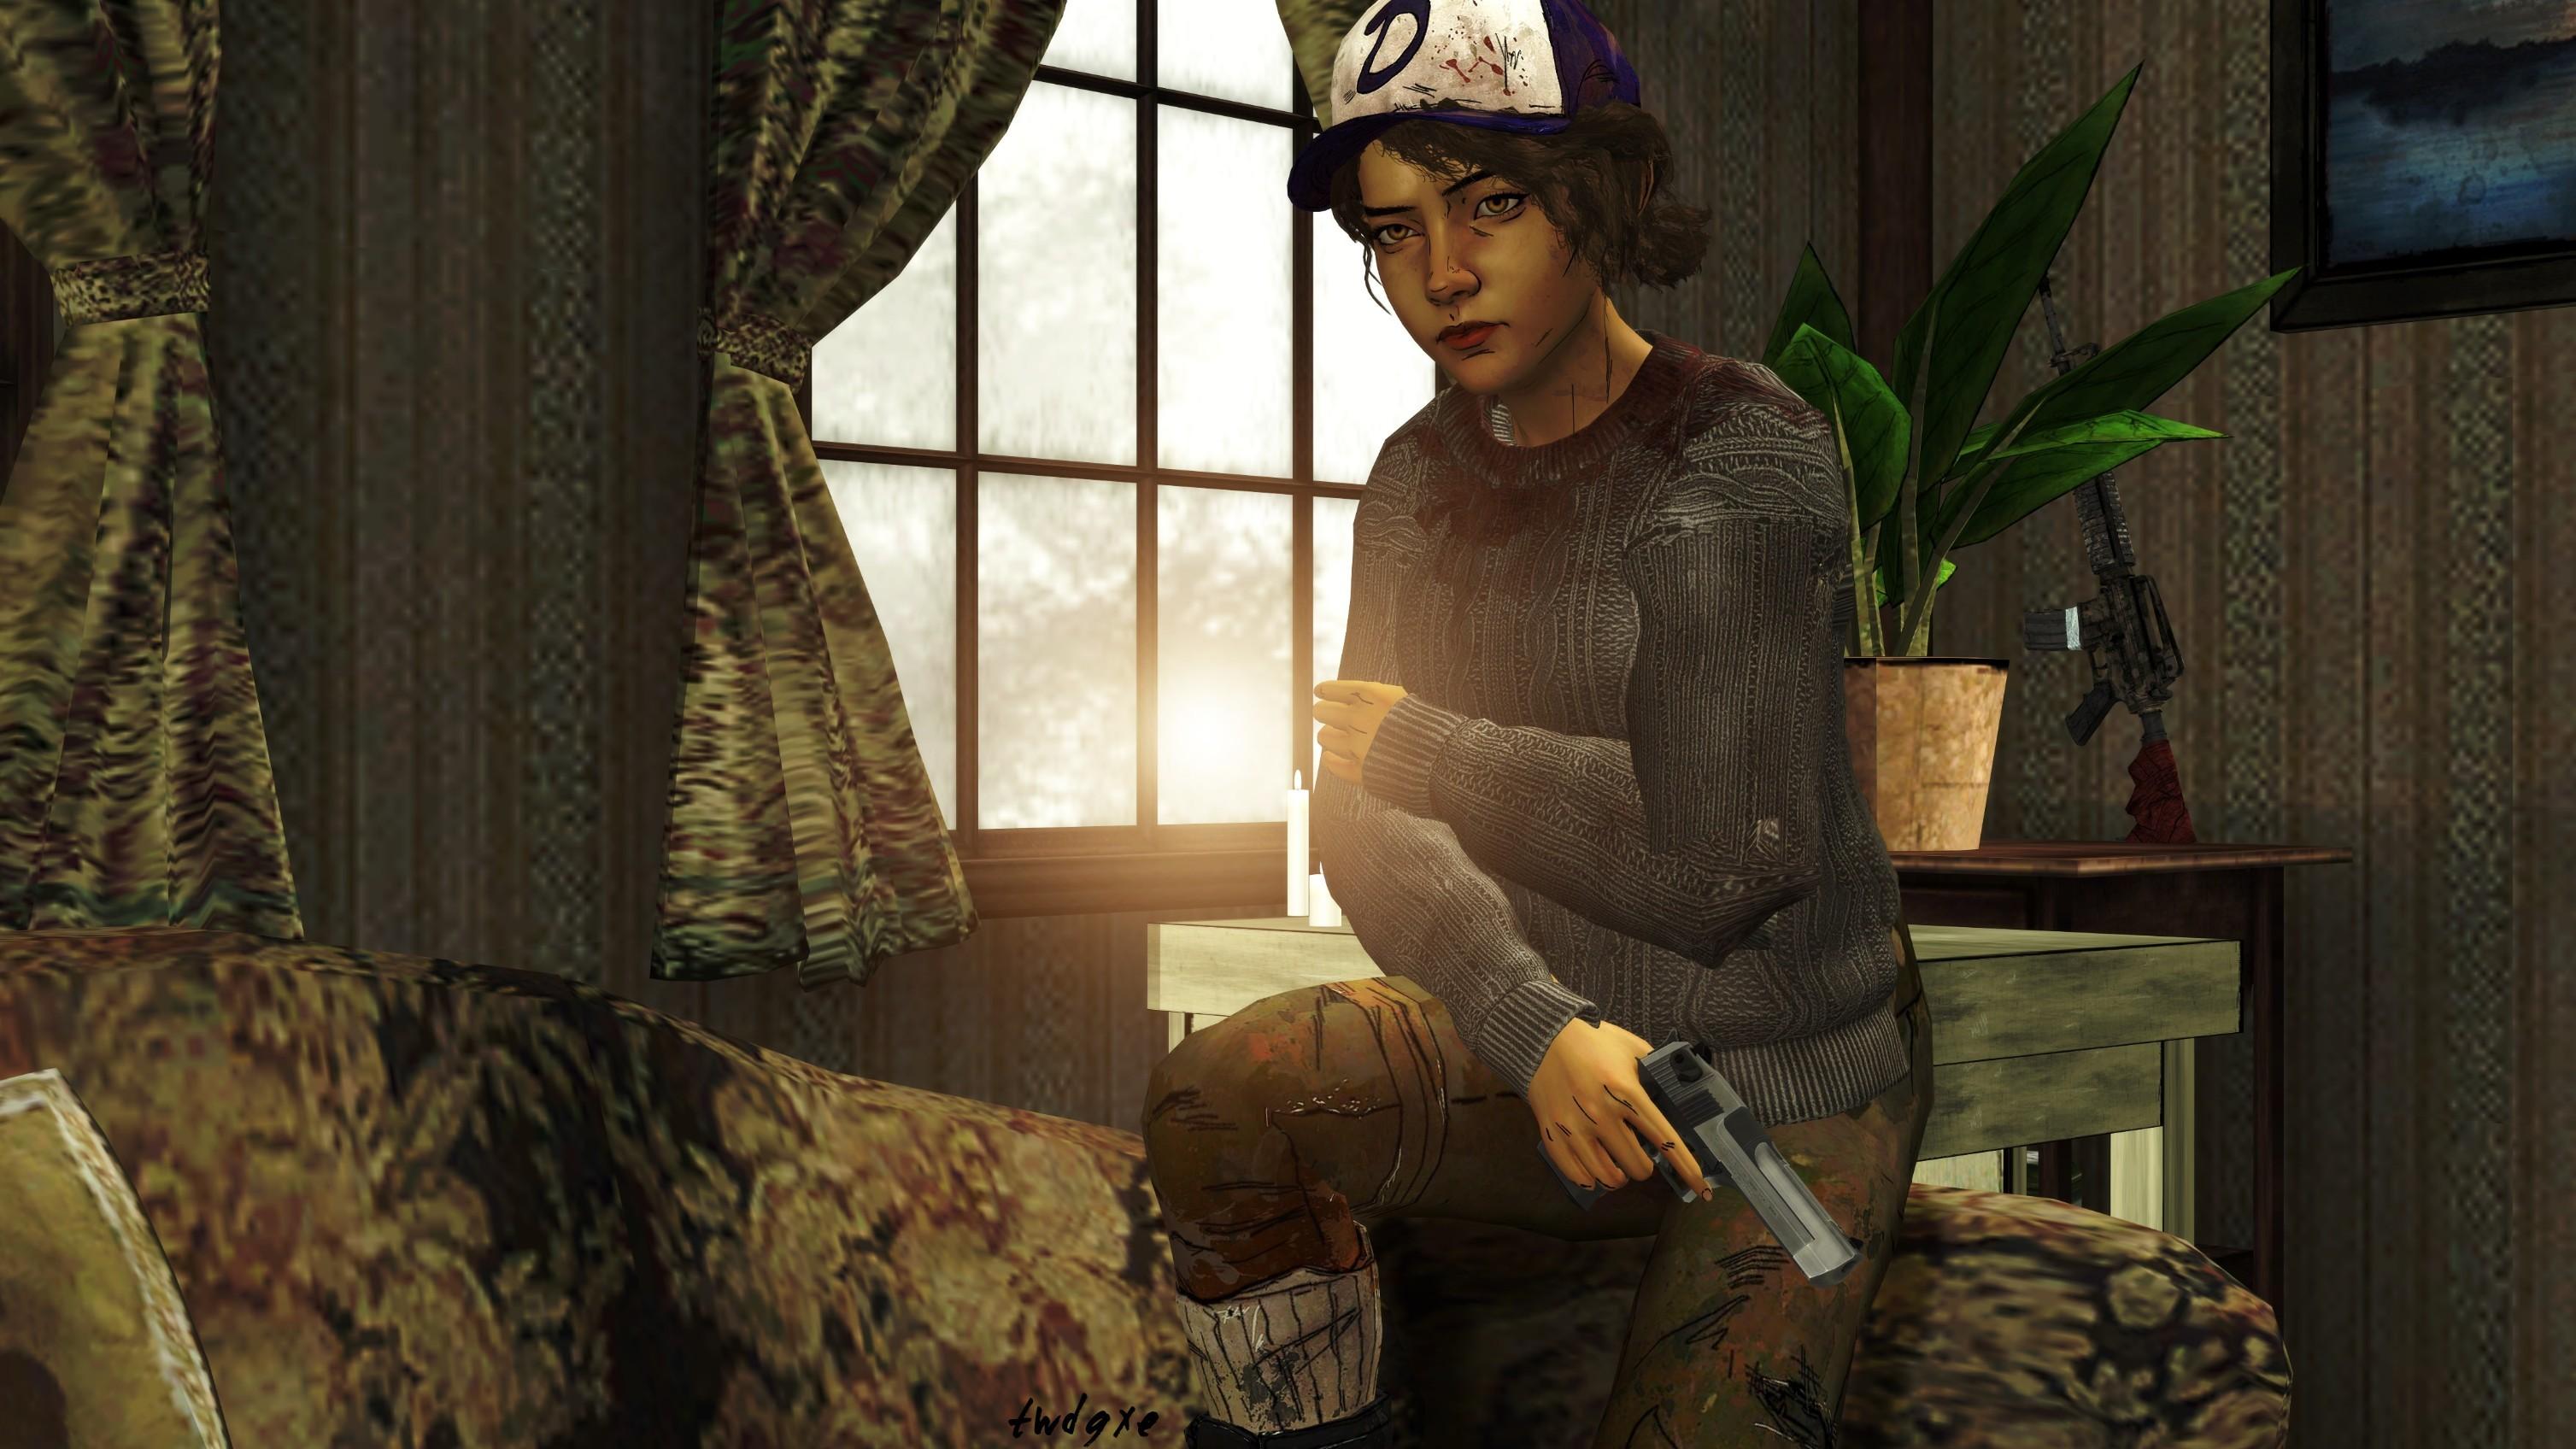 The Walking Dead   Clementine Sweater Wallpaper by xtwdg 3015x1696